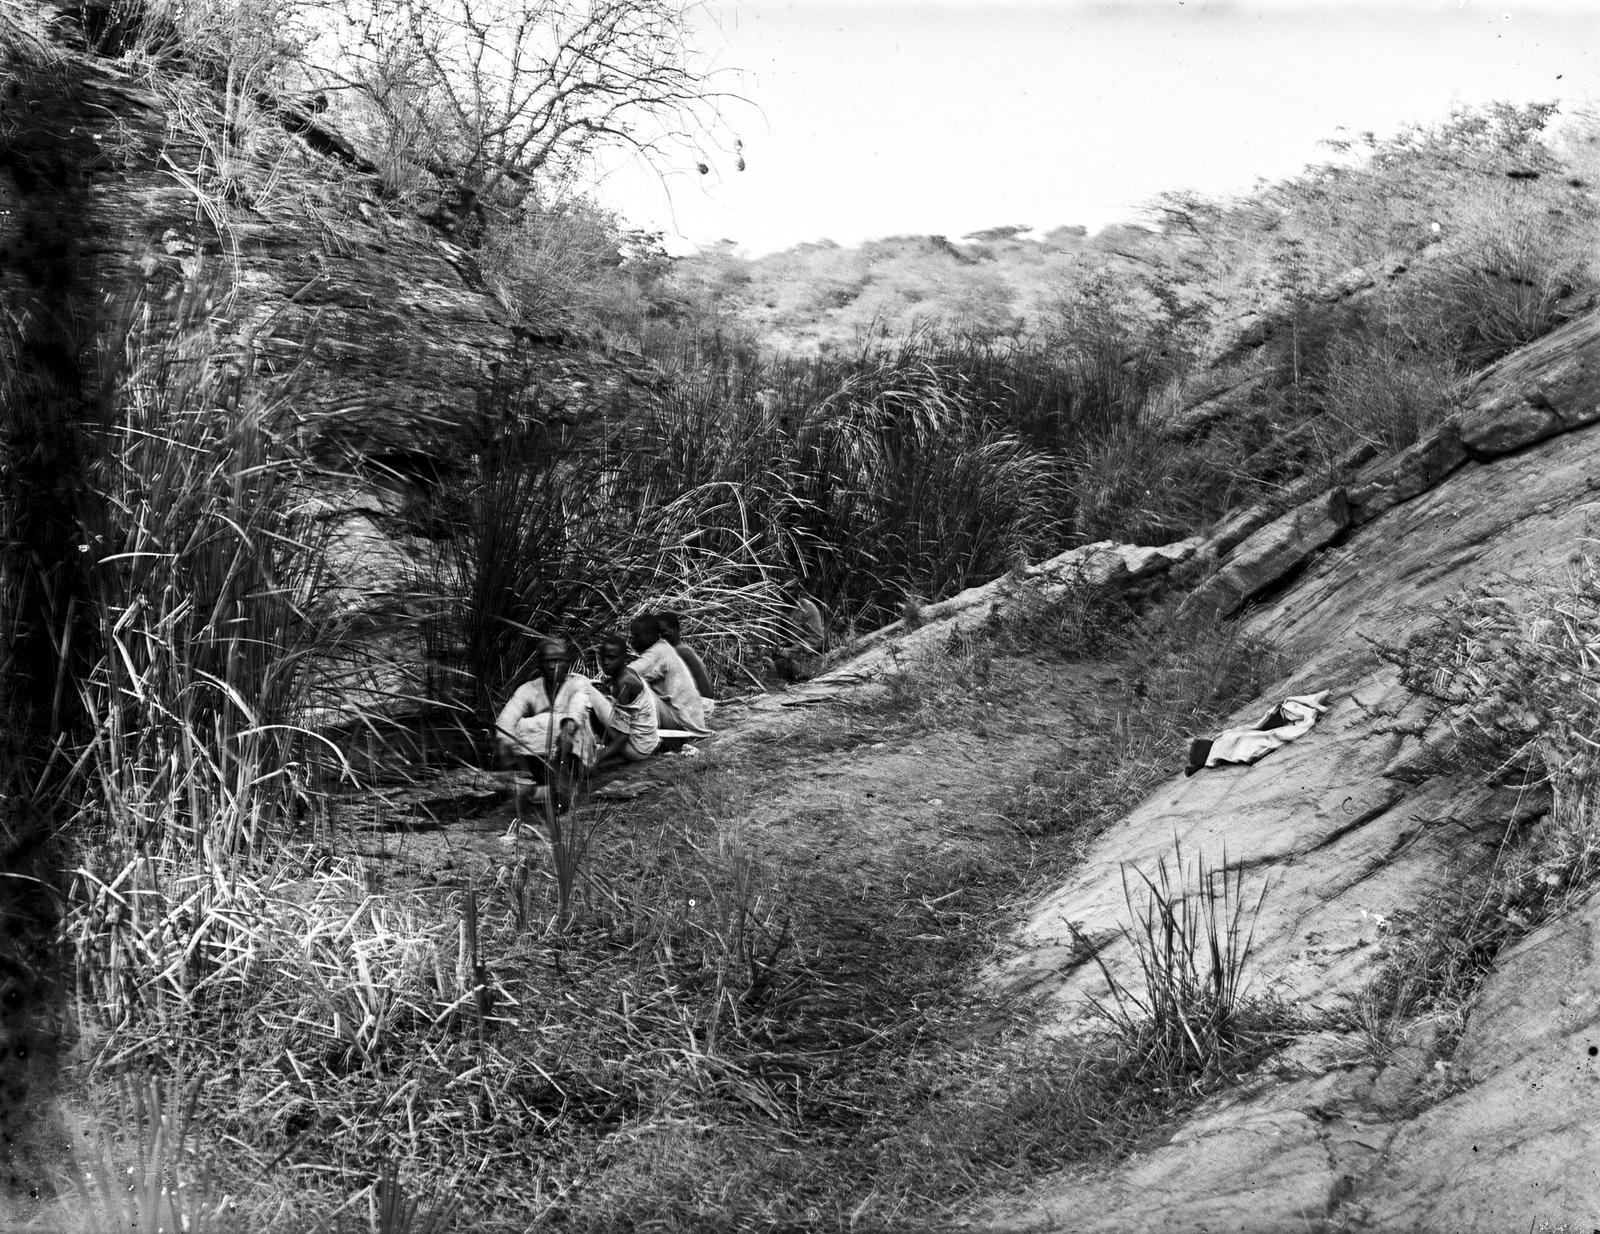 236. Группа на скалистом склоне, покрытом травой и кустарниковой растительностью